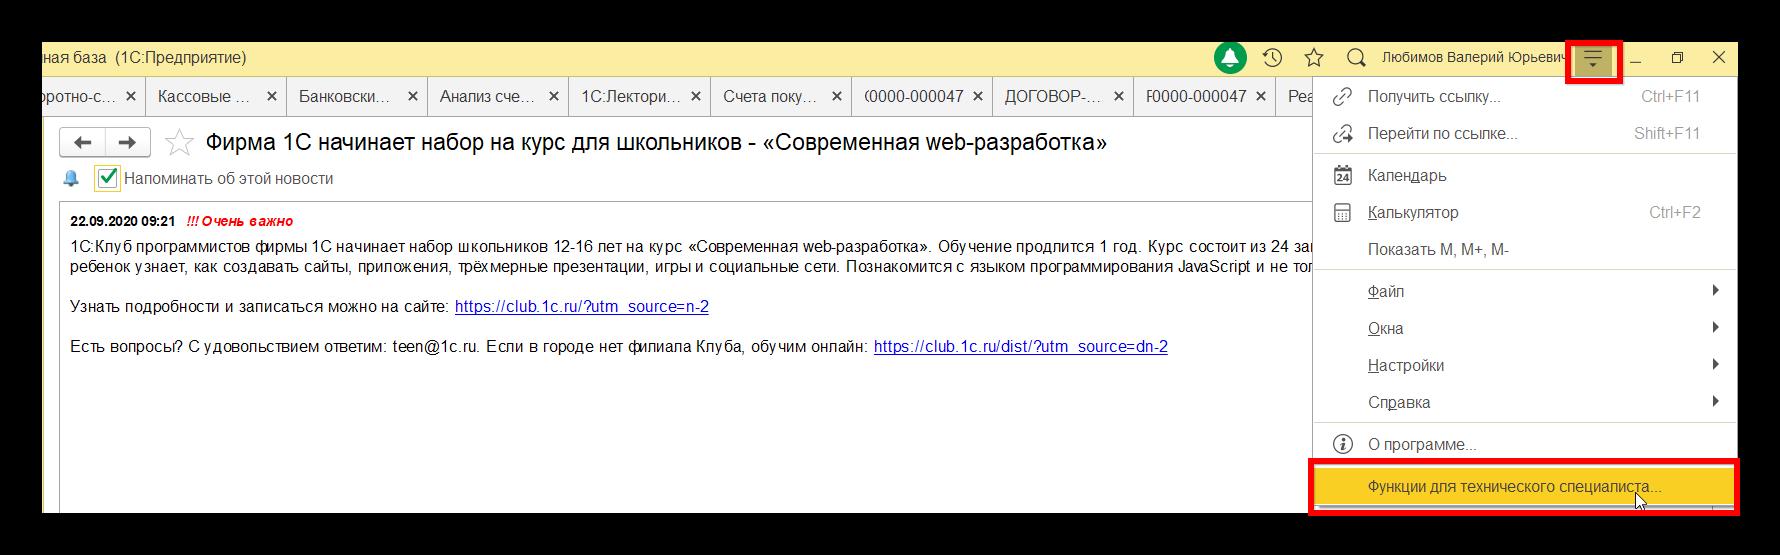 Функционал для технического специалиста в 1С Бухгалтерия, редакция 3.0